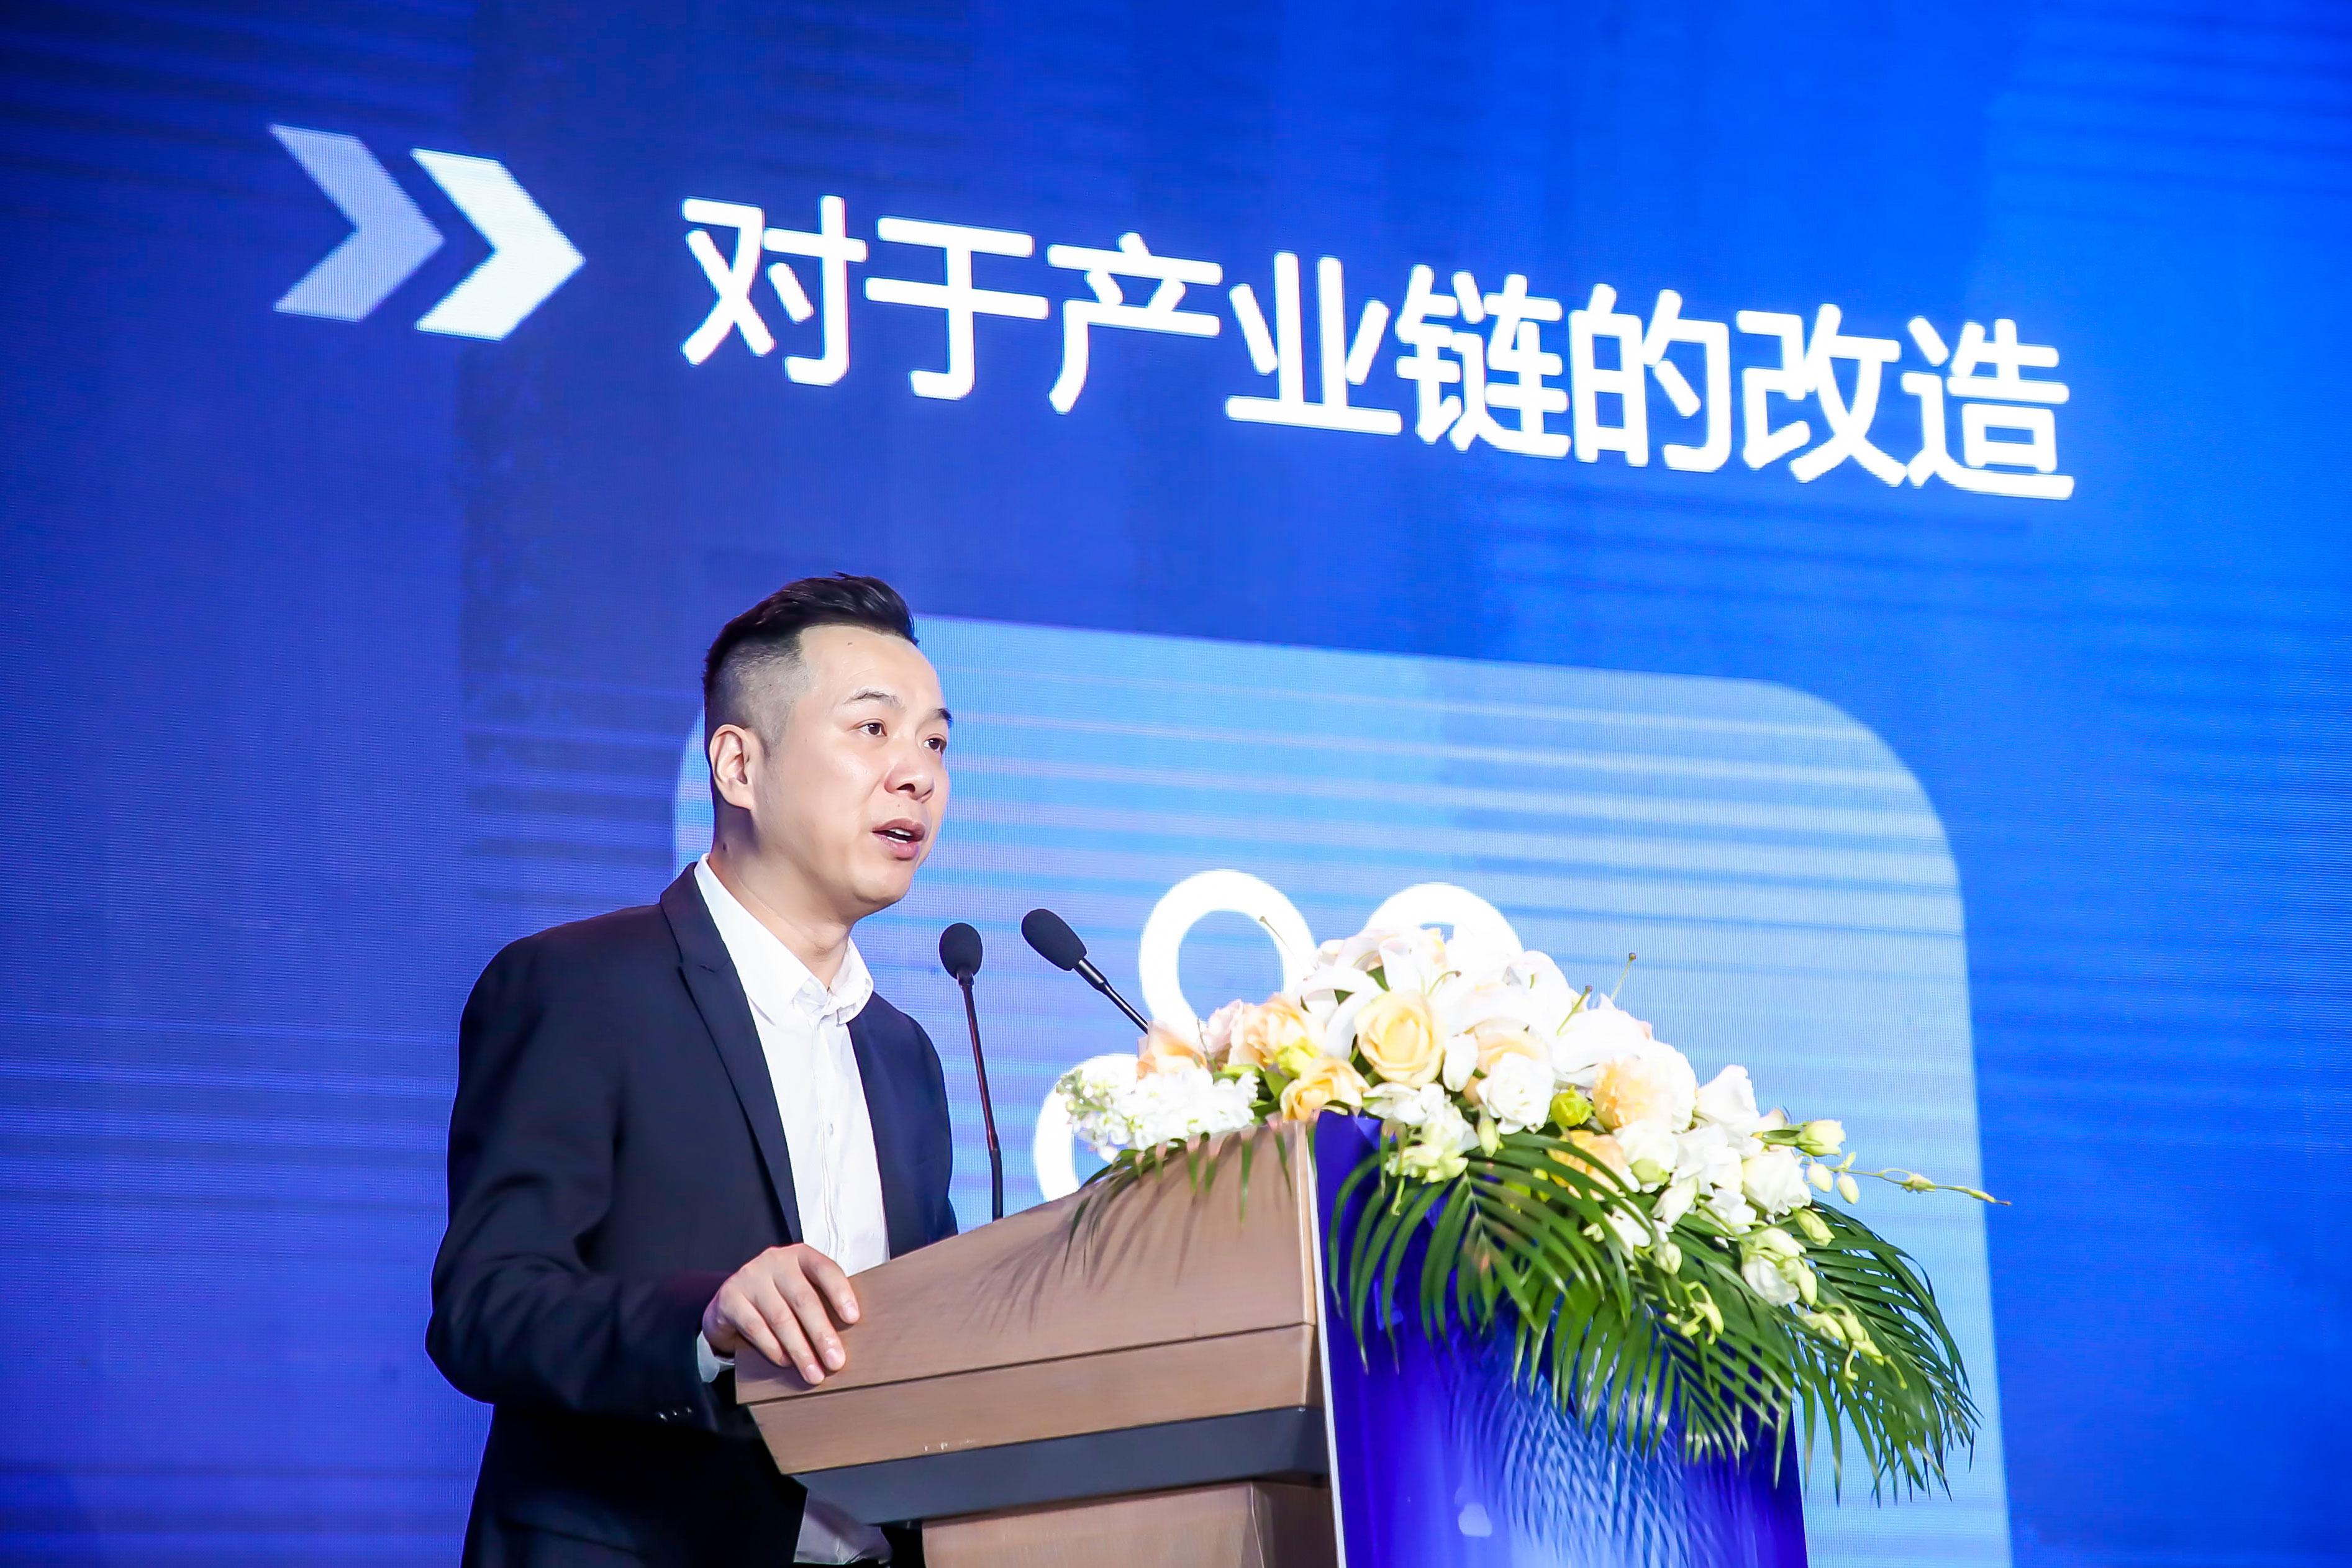 盛趣游戏王佶:两大红利催生千亿市场 云游戏迎来战略性投资机遇